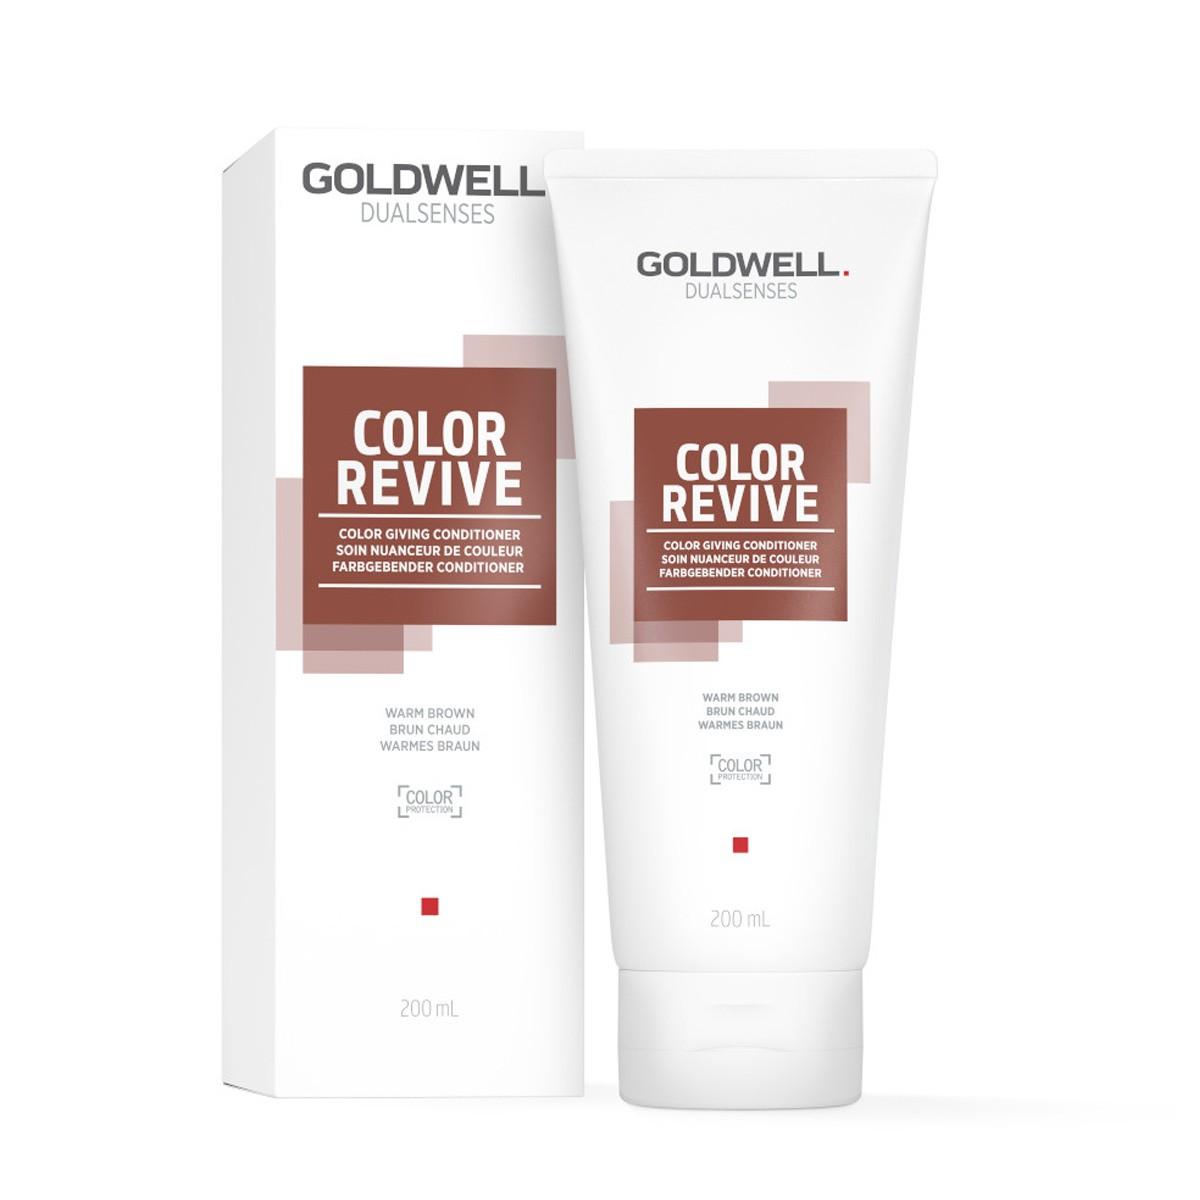 GOLDWELL Dualsenses Color Revive Warm Brown Conditioner 200ml - Odżywka koloryzująca odświeżająca kolor ciepły brąz